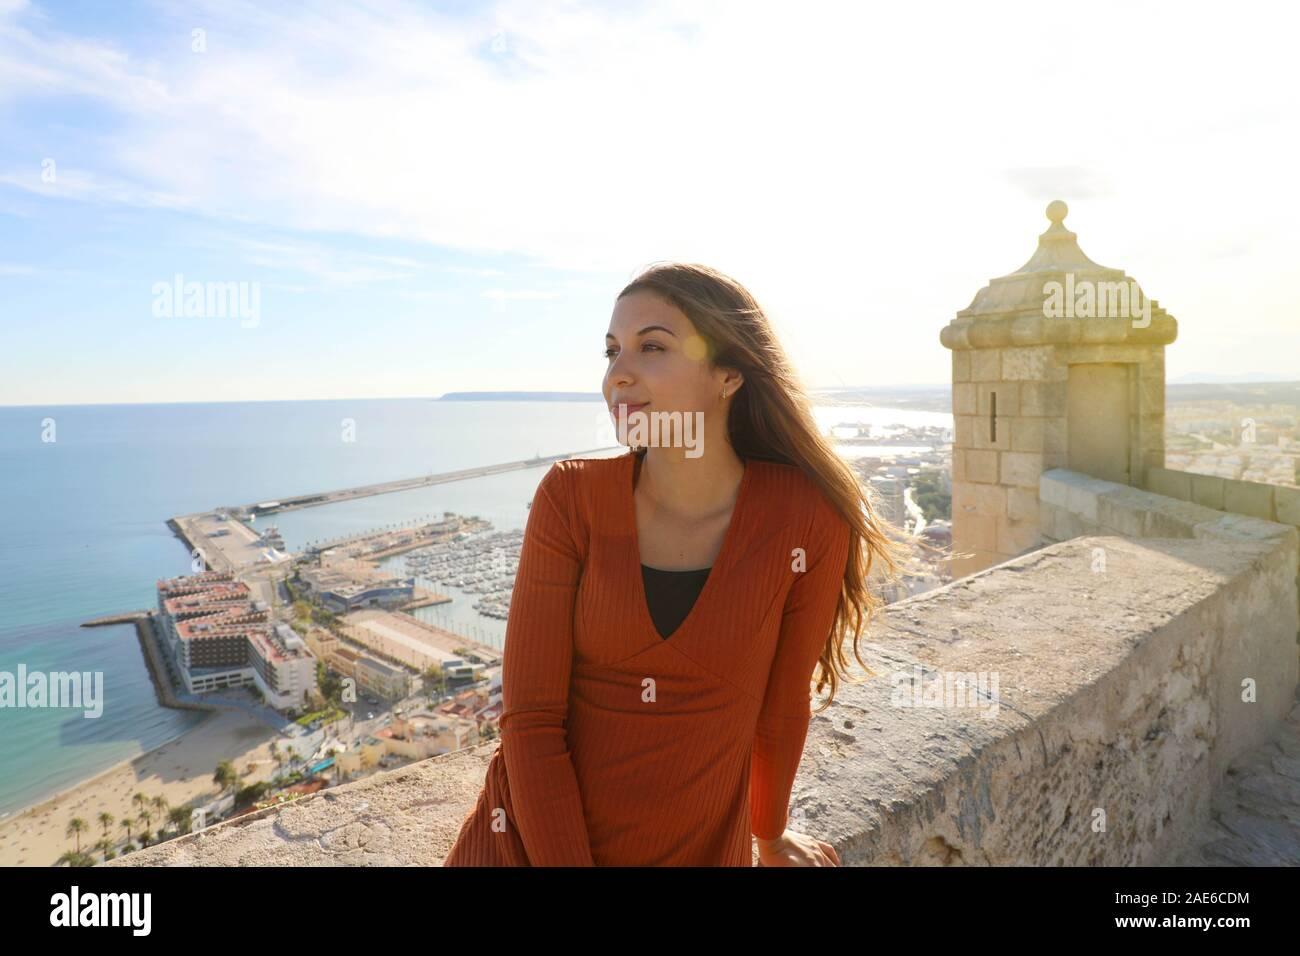 Schöne touristische Frau genießen Sie in Alicante, Spanien. Traveler Girl auf der Burg Santa Barbara in Alicante Spanisch Reiseziel in Europa. Stockfoto